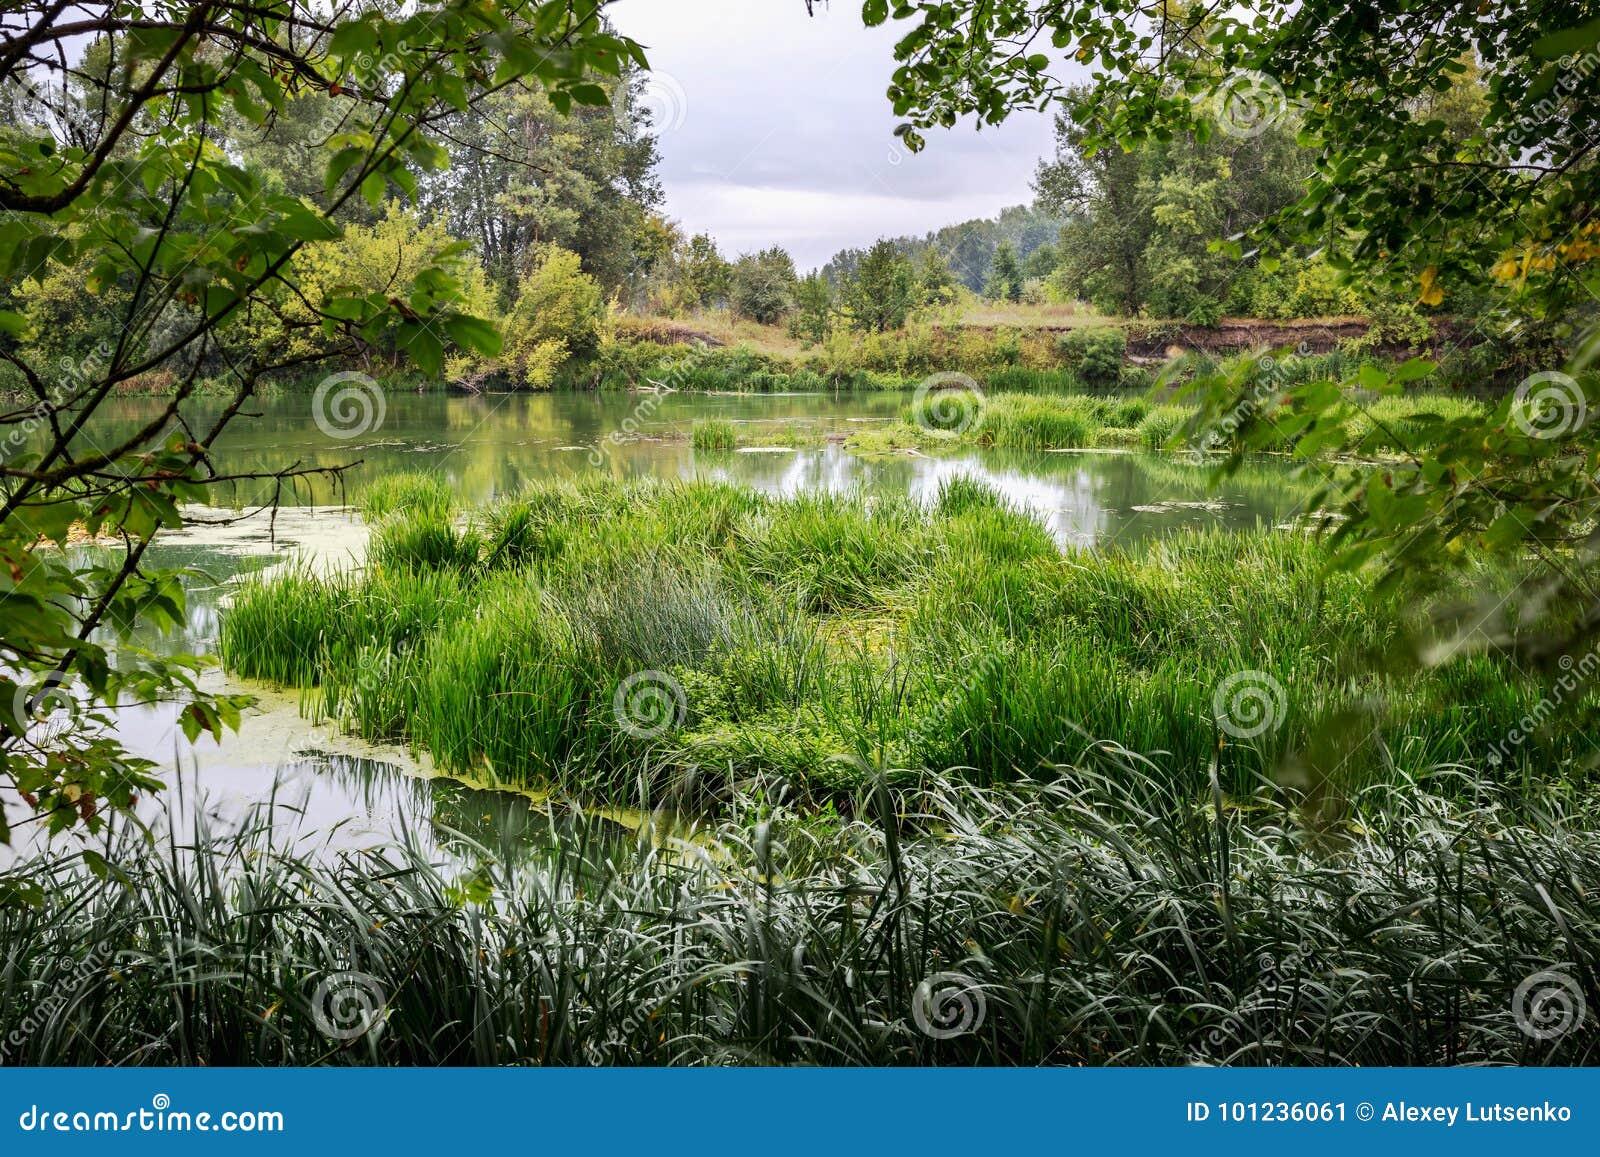 Ruhiger Fluss am Sommermorgen mit grünen Bäumen auf Hintergrund